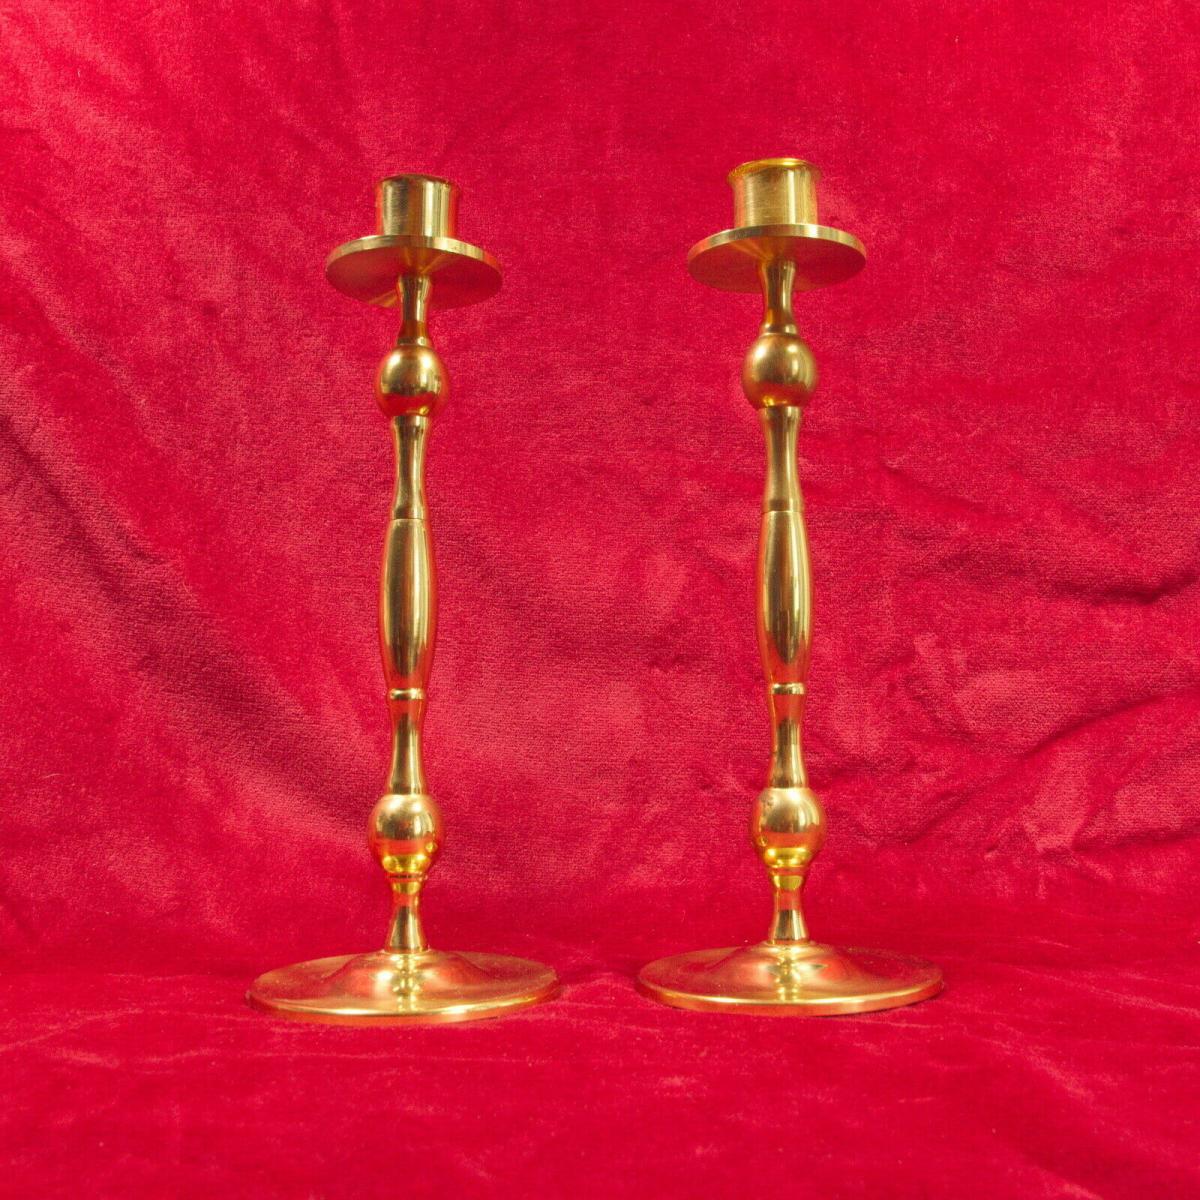 Paar vermessingte tischleuchter kerzenleuchter kerzenständer gold 60er jahre 0